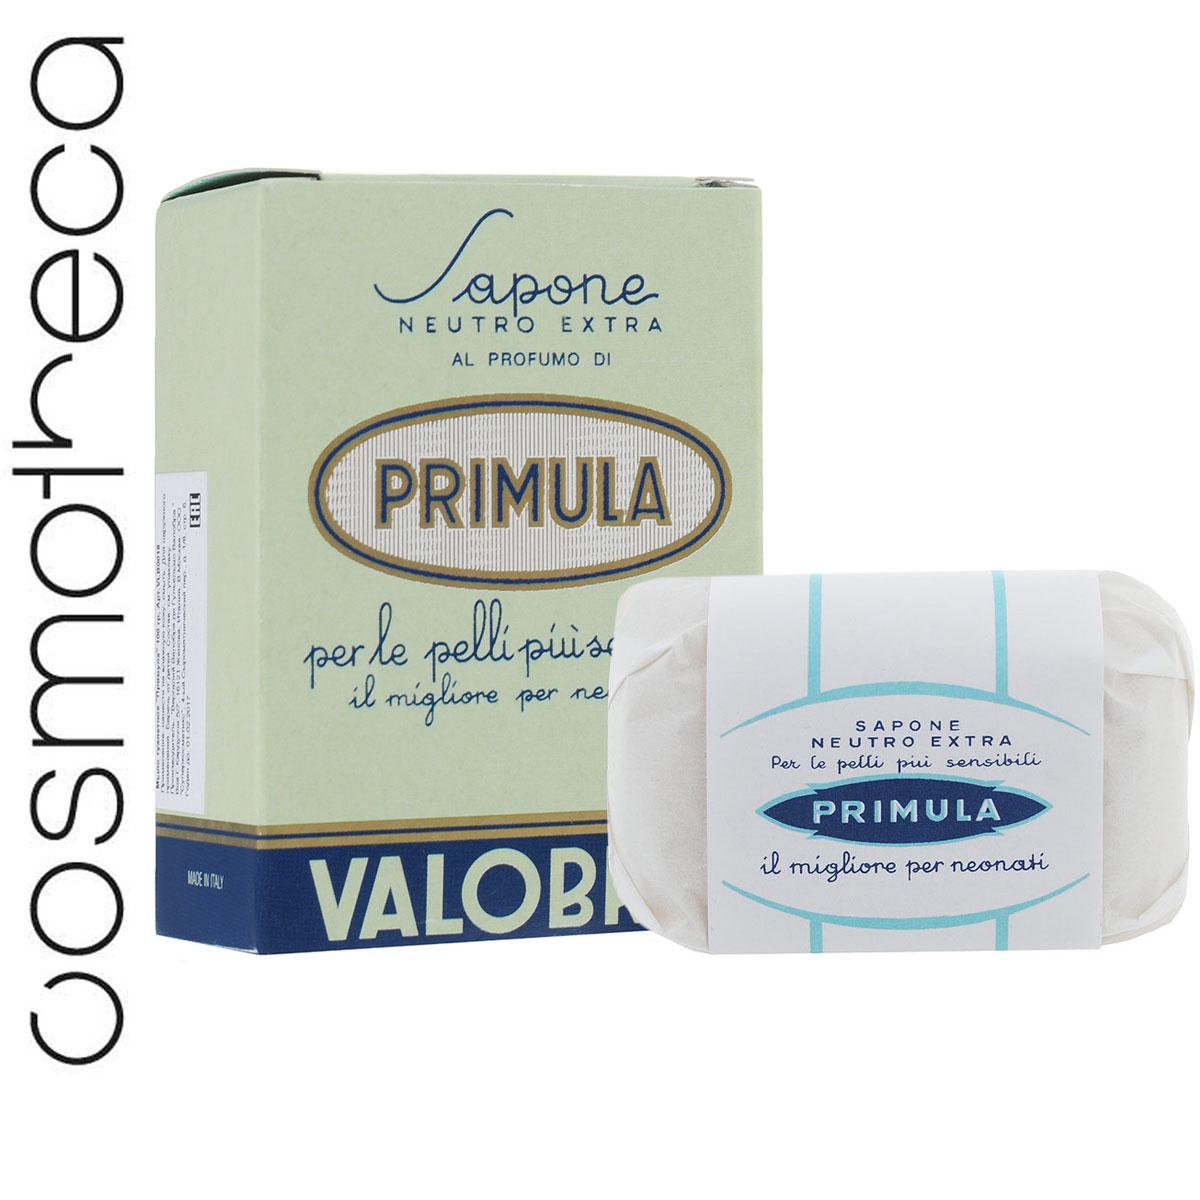 Valobra Мыло туалетное Примула, 100 гVLB0016Благодаря высокому содержанию витаминов и лецитина мыло Примула делает кожу мягкой и красивой. Подходит для маленьких детей и для очень нежной кожи. Товар сертифицирован.